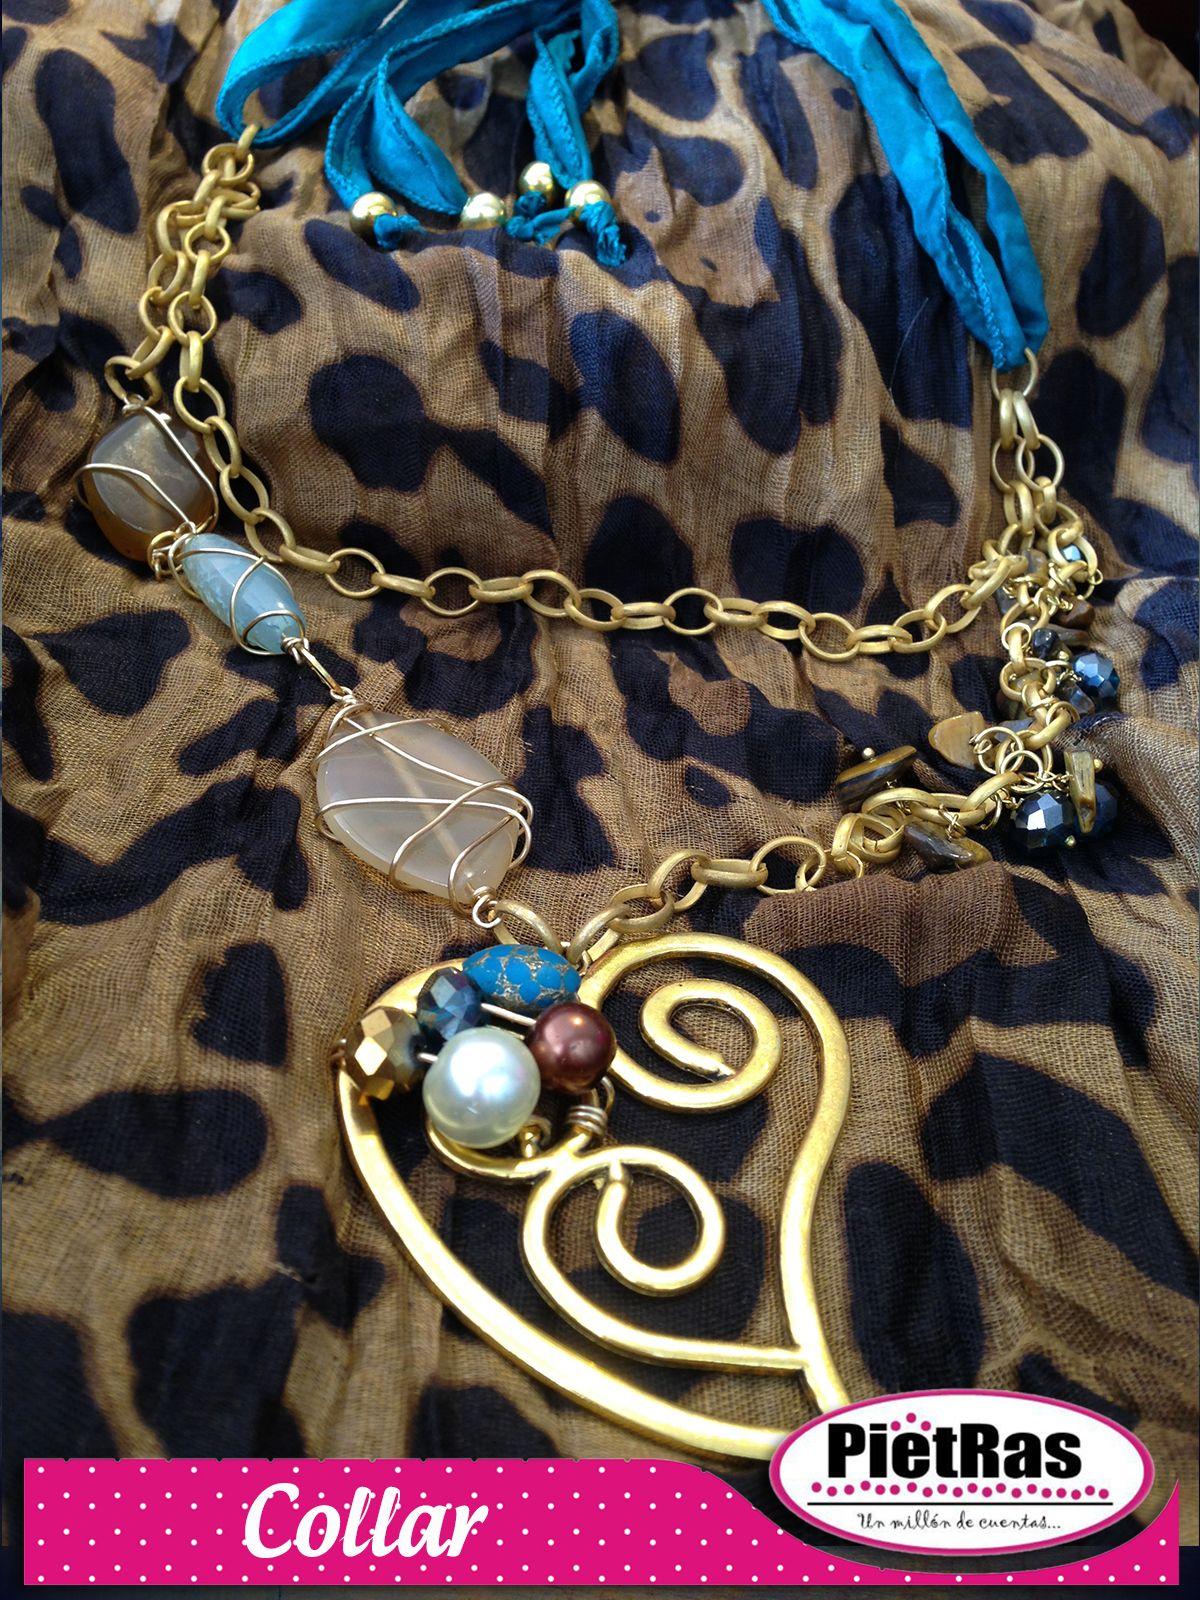 Hermoso collar con dije en corazón, cristales, turquesina, cadena y seda, ¿Bonita idea no creen?